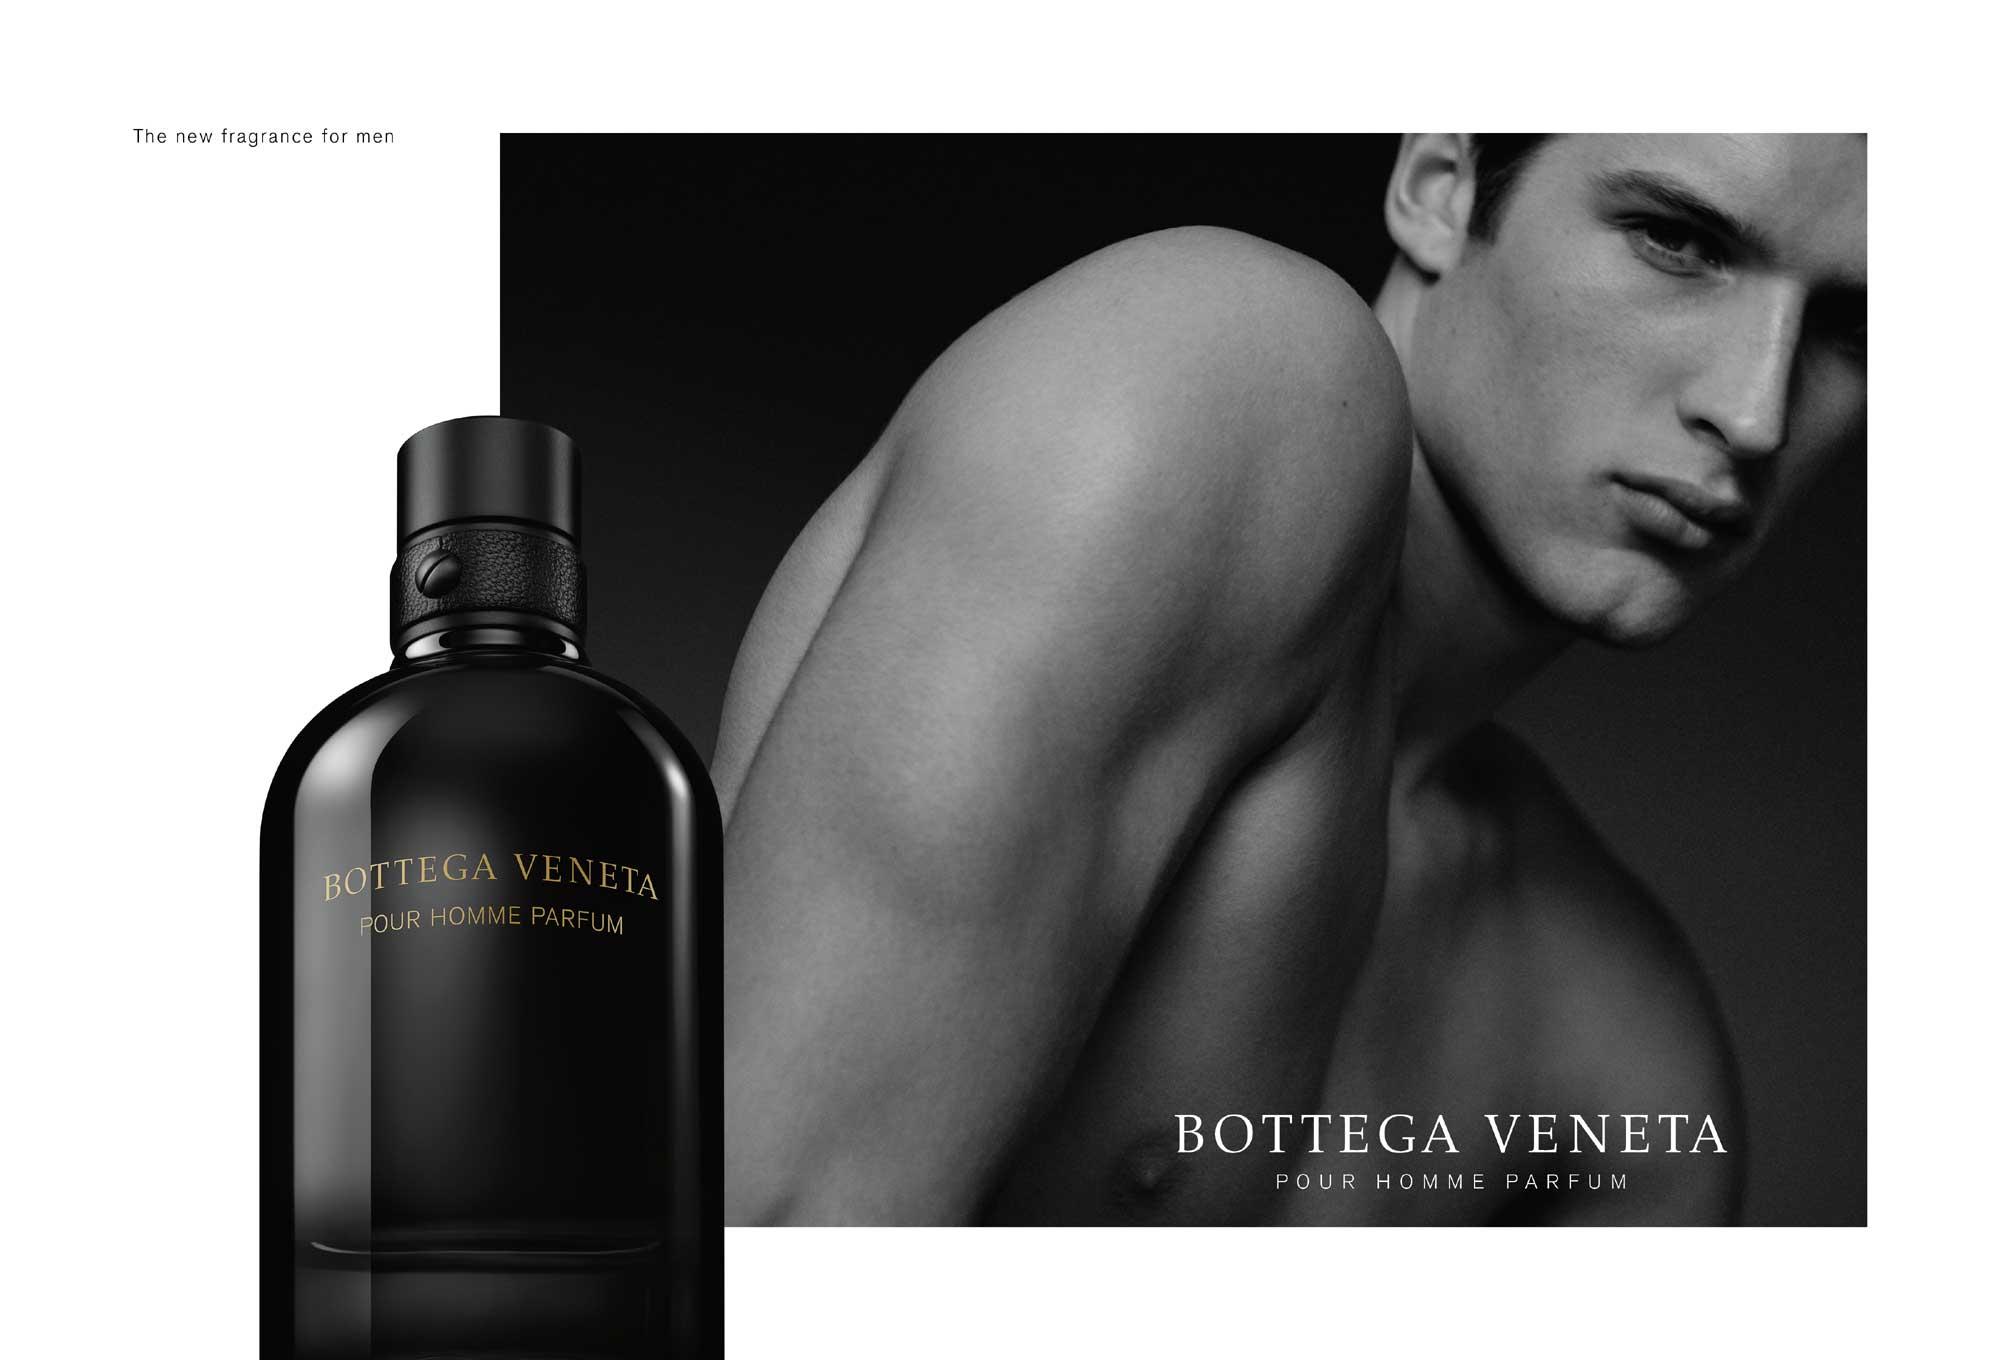 Resultado de imagem para Bottega Veneta Pour Homme Parfum